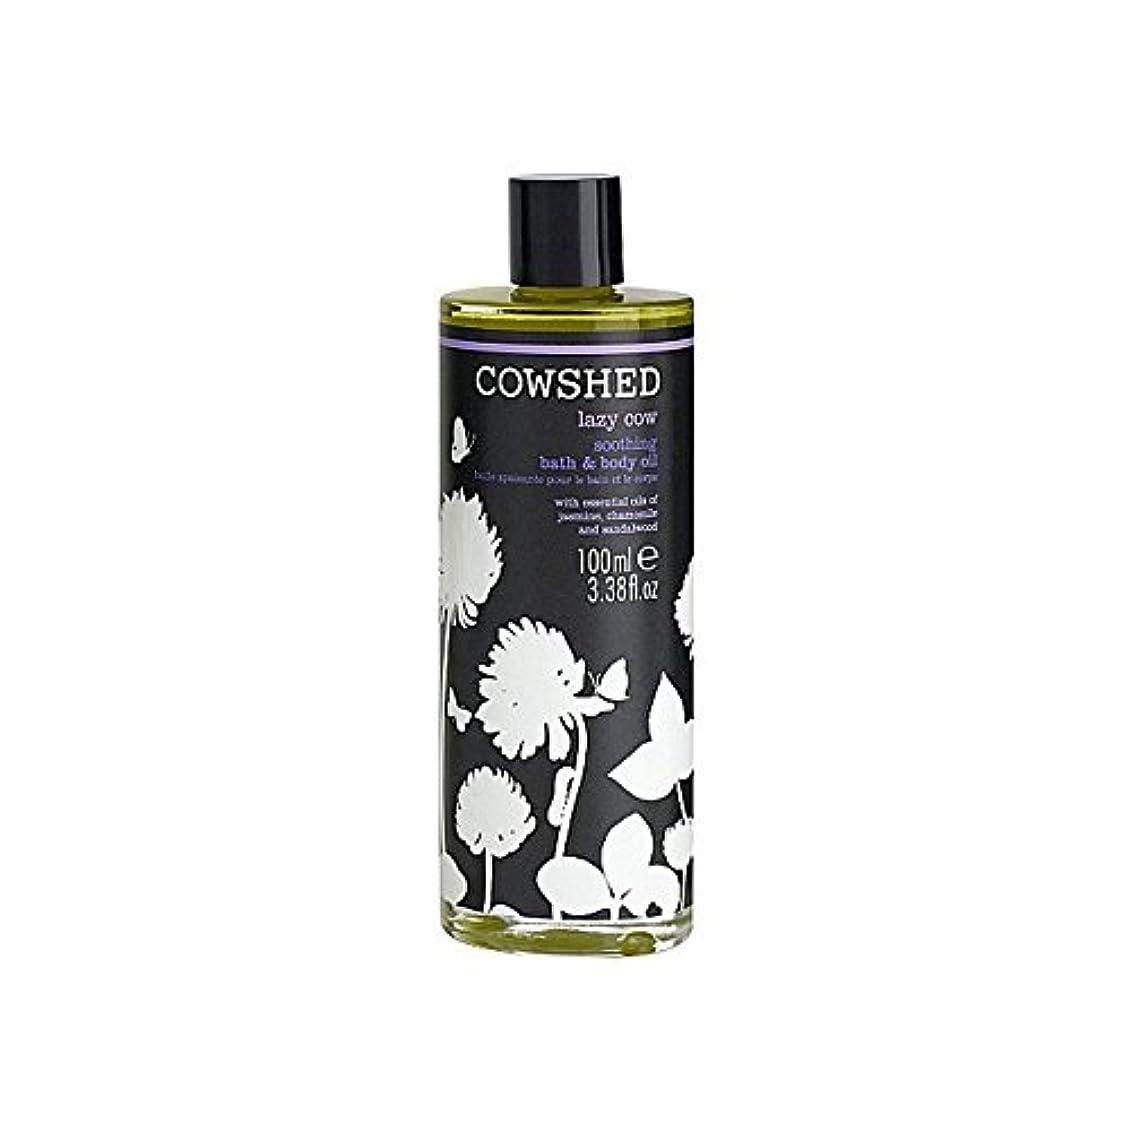 苦情文句率直な太陽バス&ボディオイル100ミリリットルをなだめる牛舎怠惰な牛 x4 - Cowshed Lazy Cow Soothing Bath & Body Oil 100ml (Pack of 4) [並行輸入品]